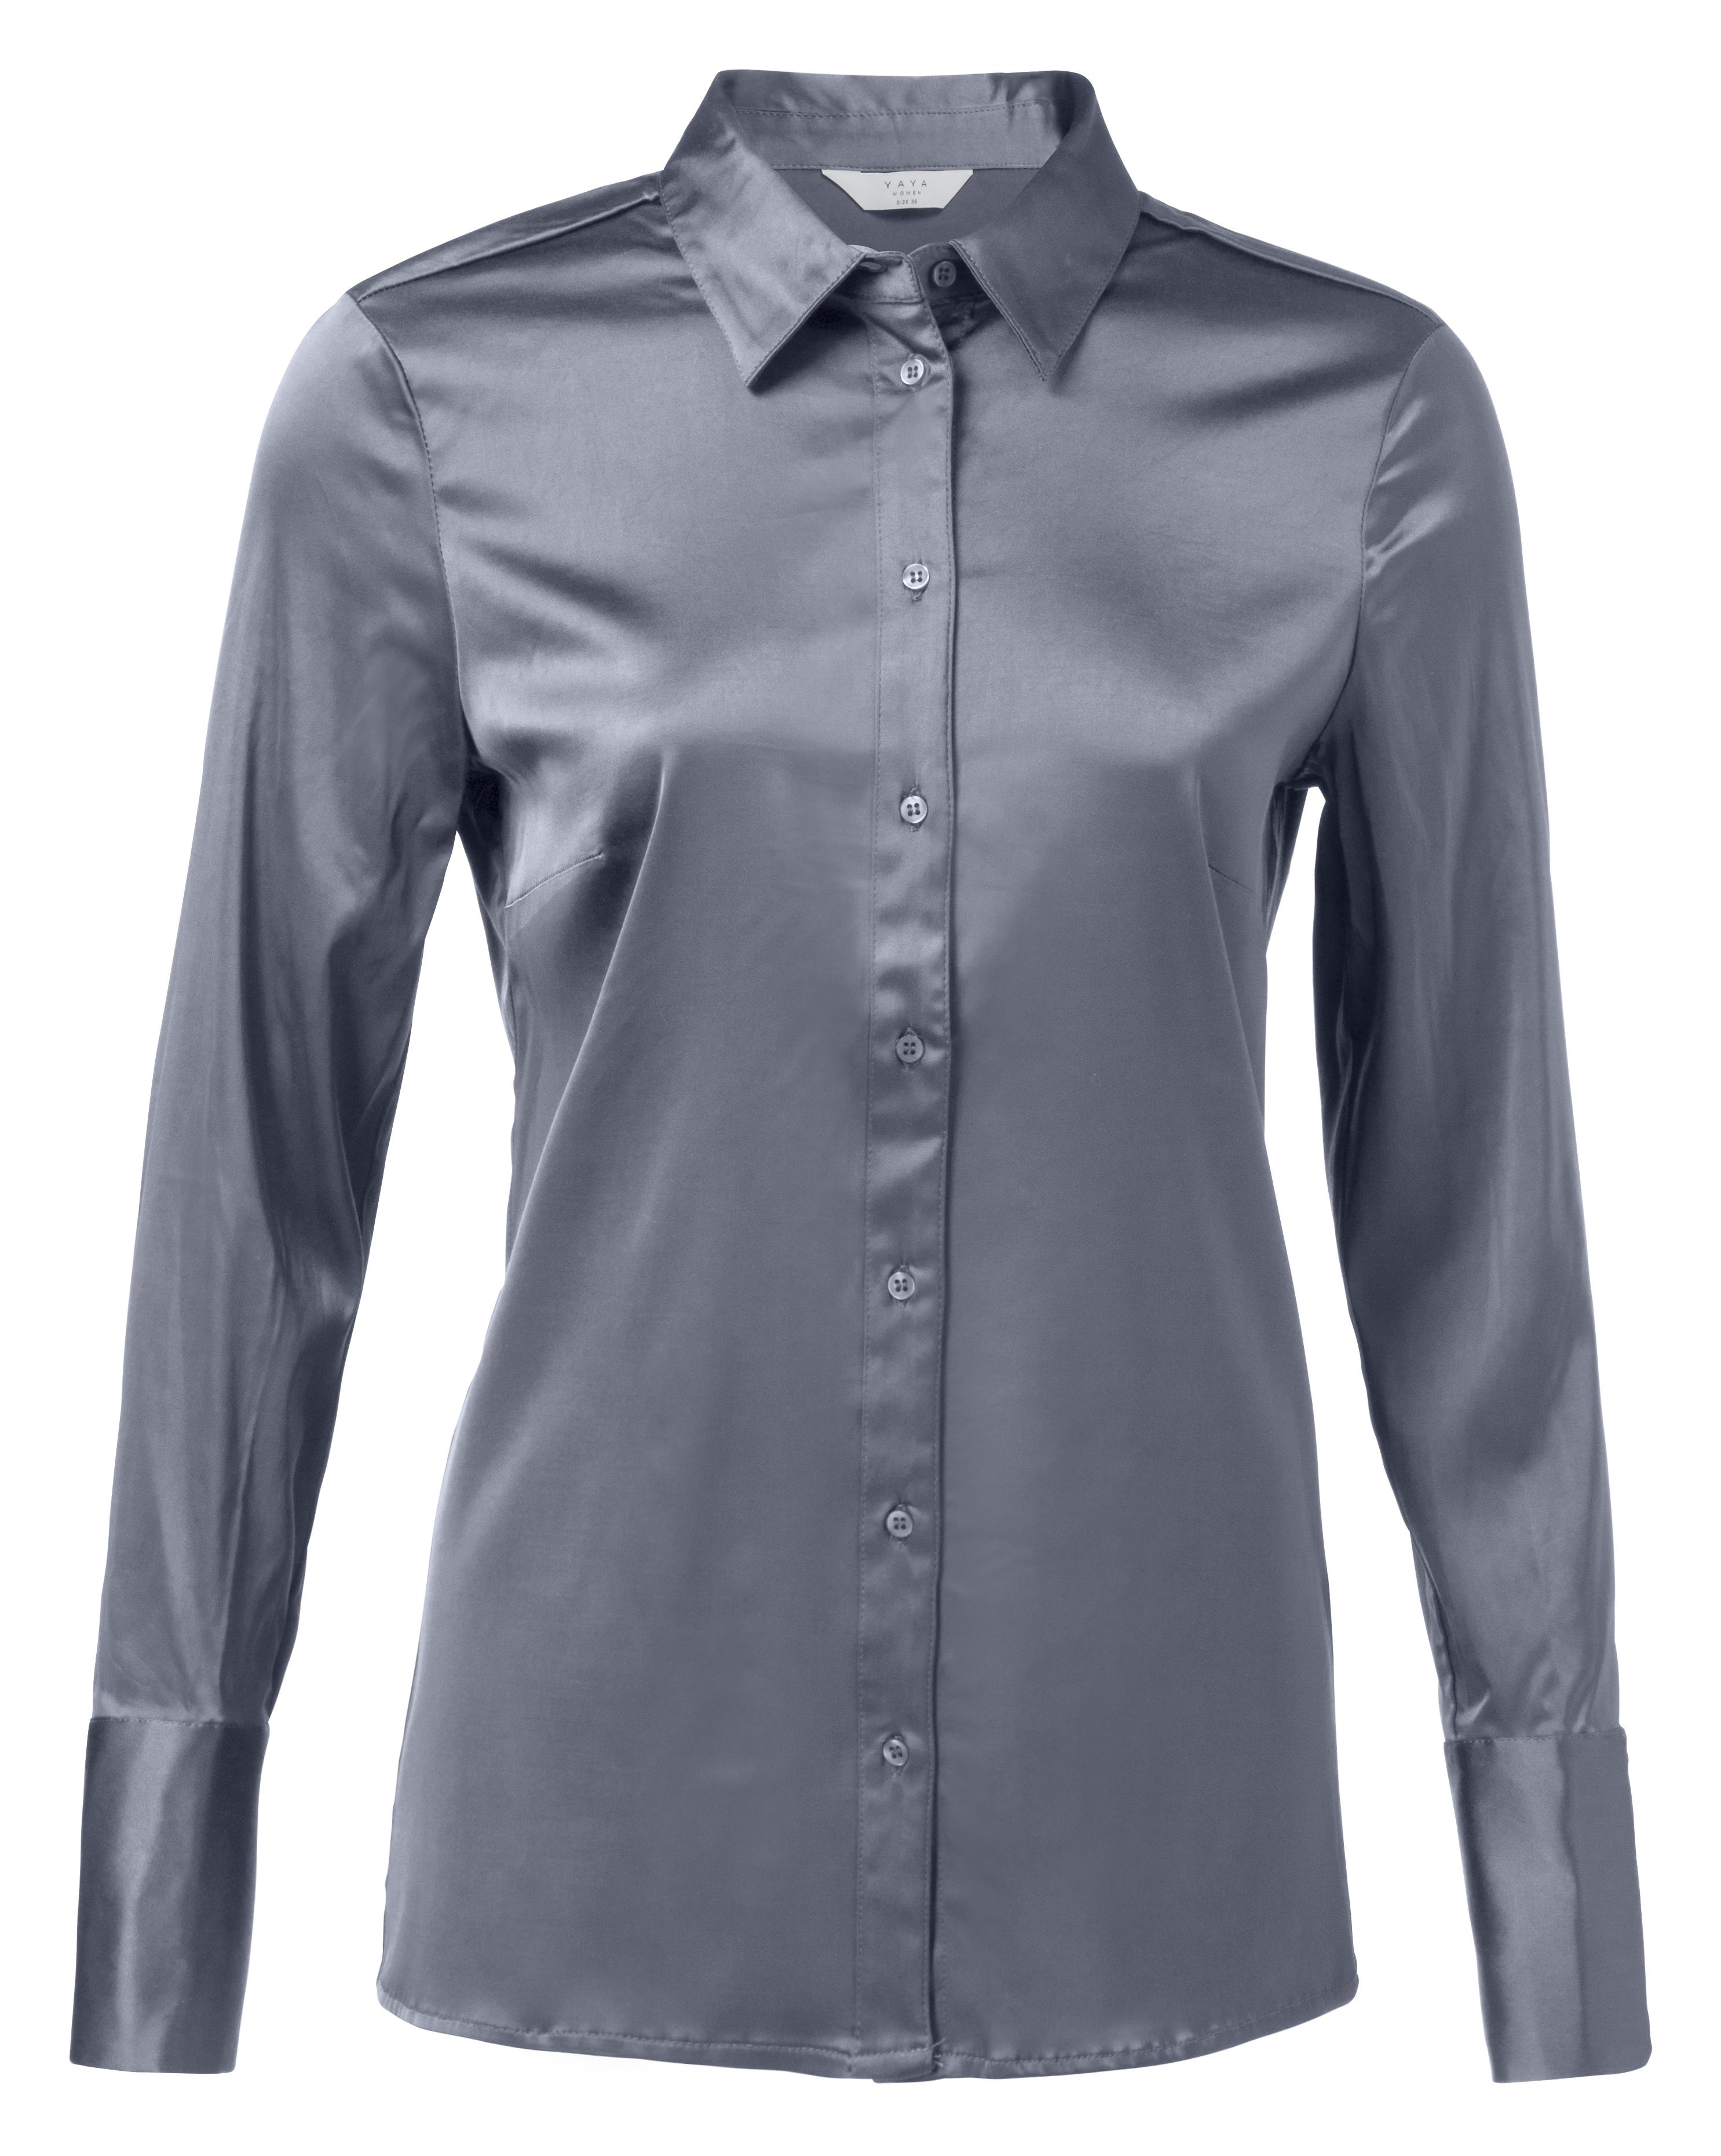 Blauwe satijnen dames blouse YAYA - 110105-824